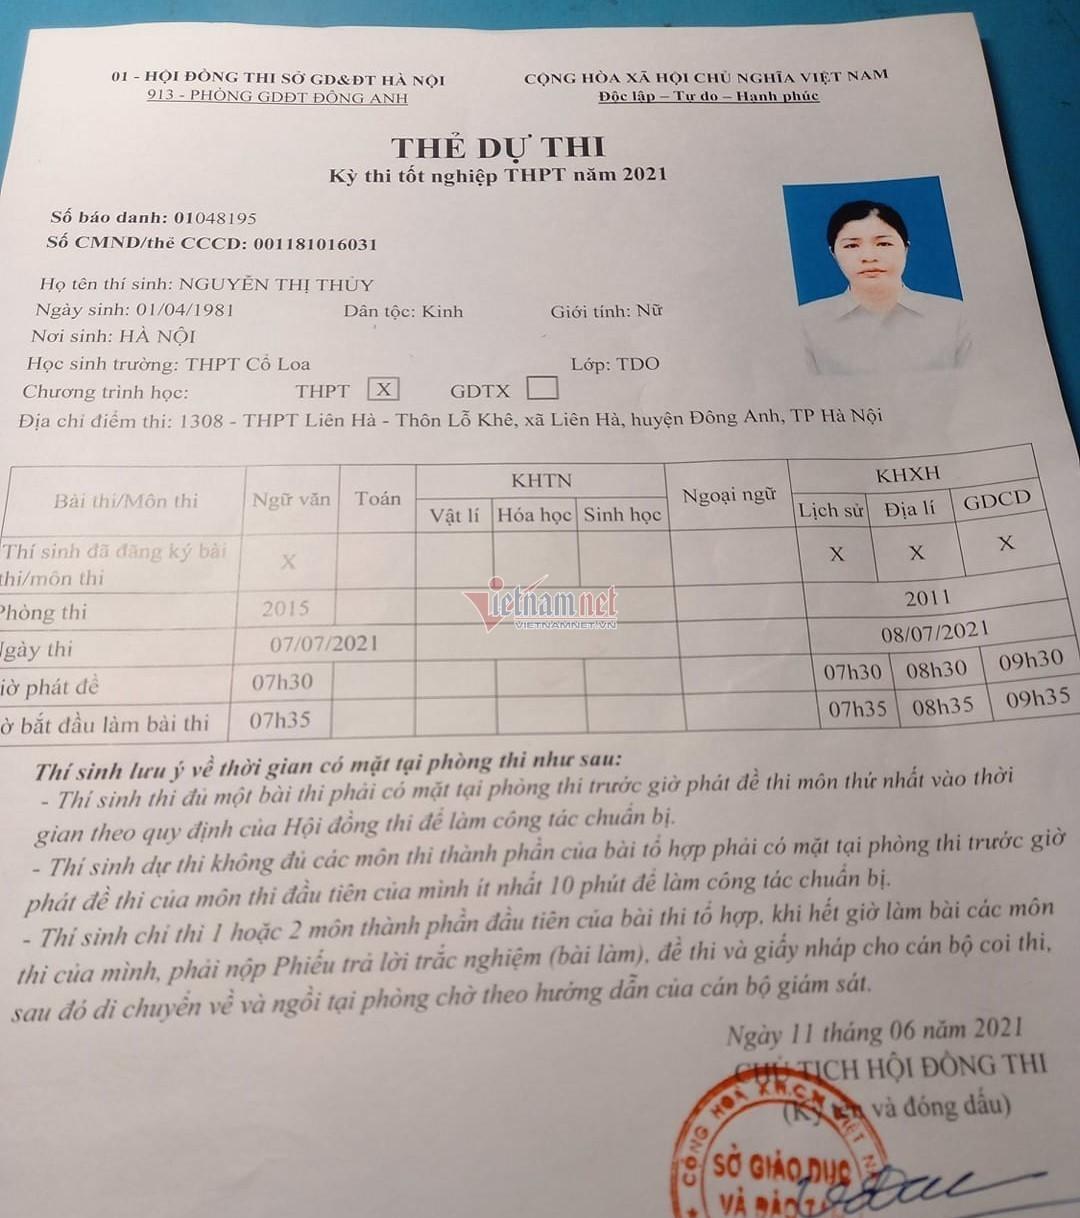 Người phụ nữ 40 tuổi đạt 27 điểm bài thi tổ hợp KHXH-2